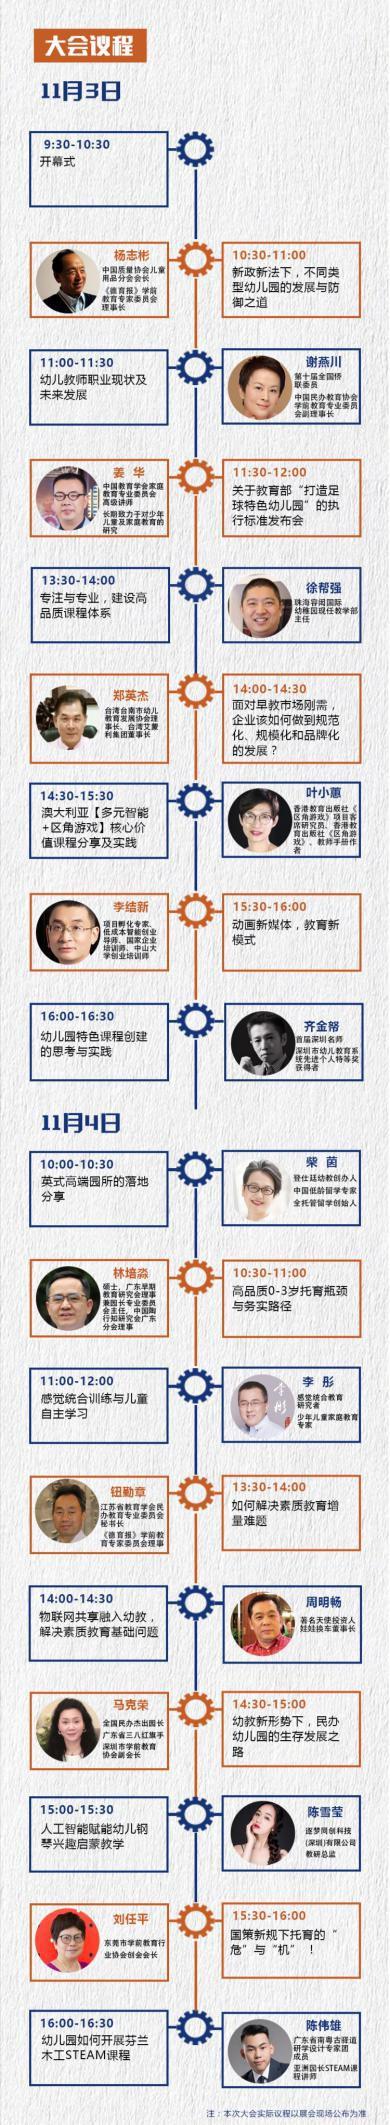 2019第七届深圳国际幼儿教育用品暨装备展即将在深圳会展中心开幕